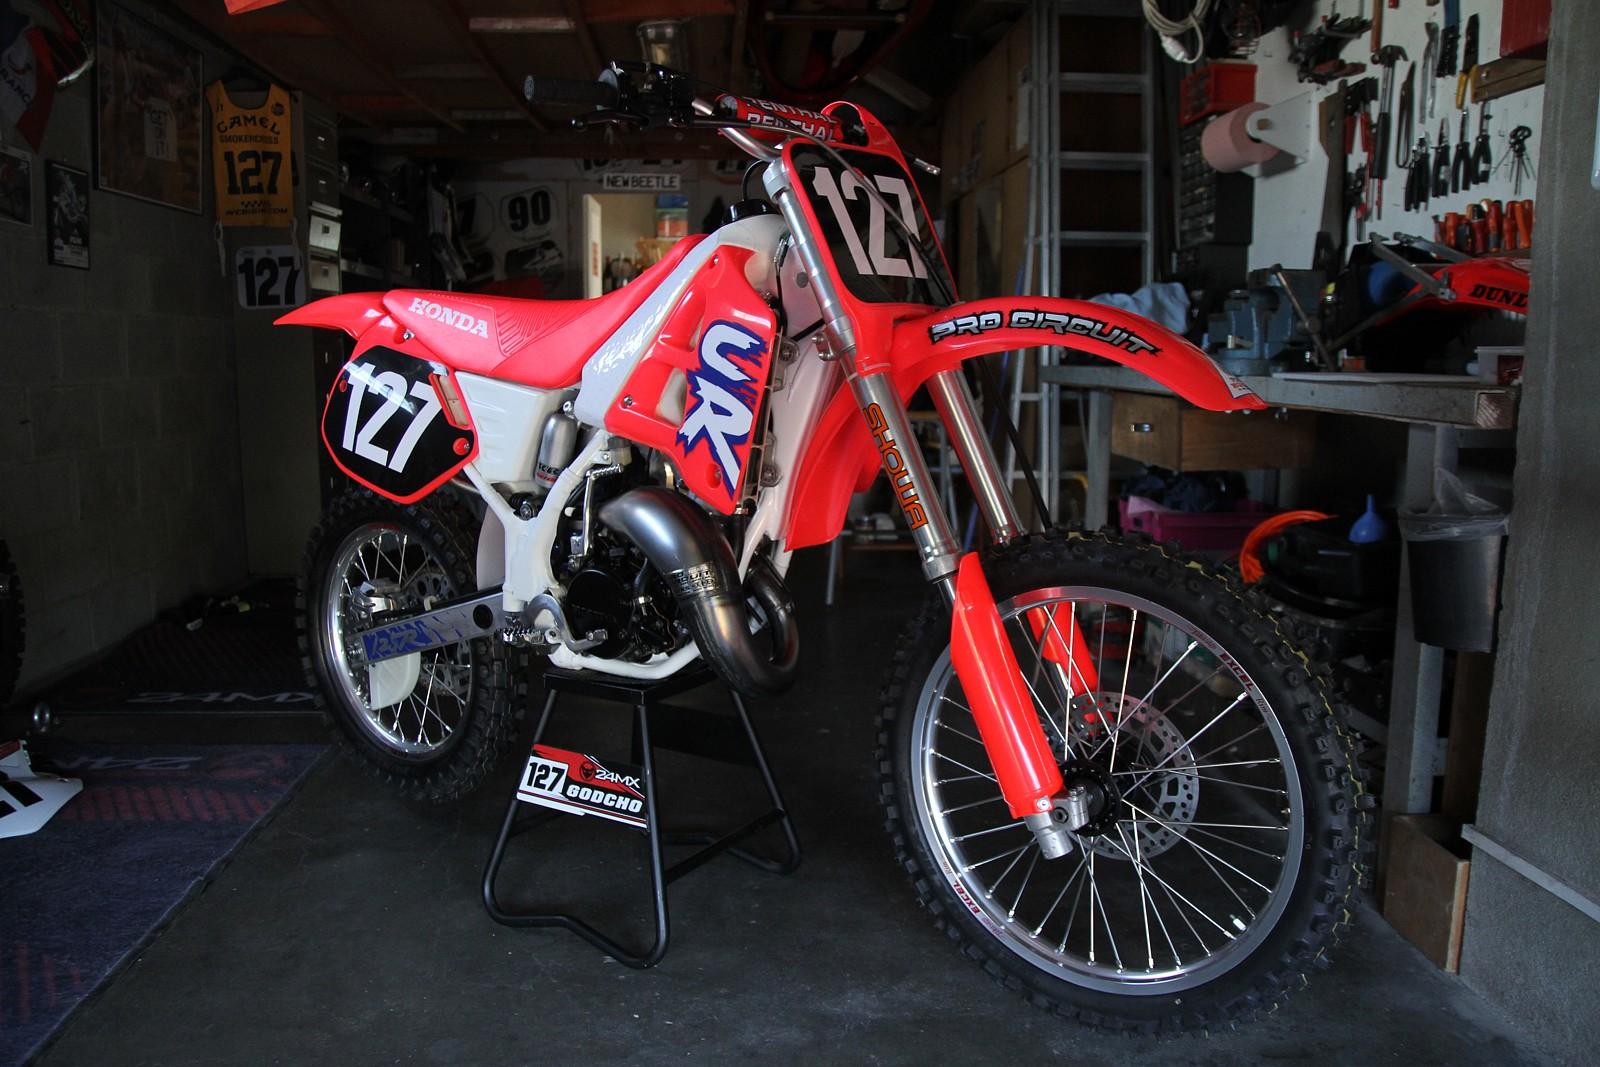 42AF7340-5EC0-44C3-8391-C16E74A02376 - Godcho - Motocross Pictures - Vital MX